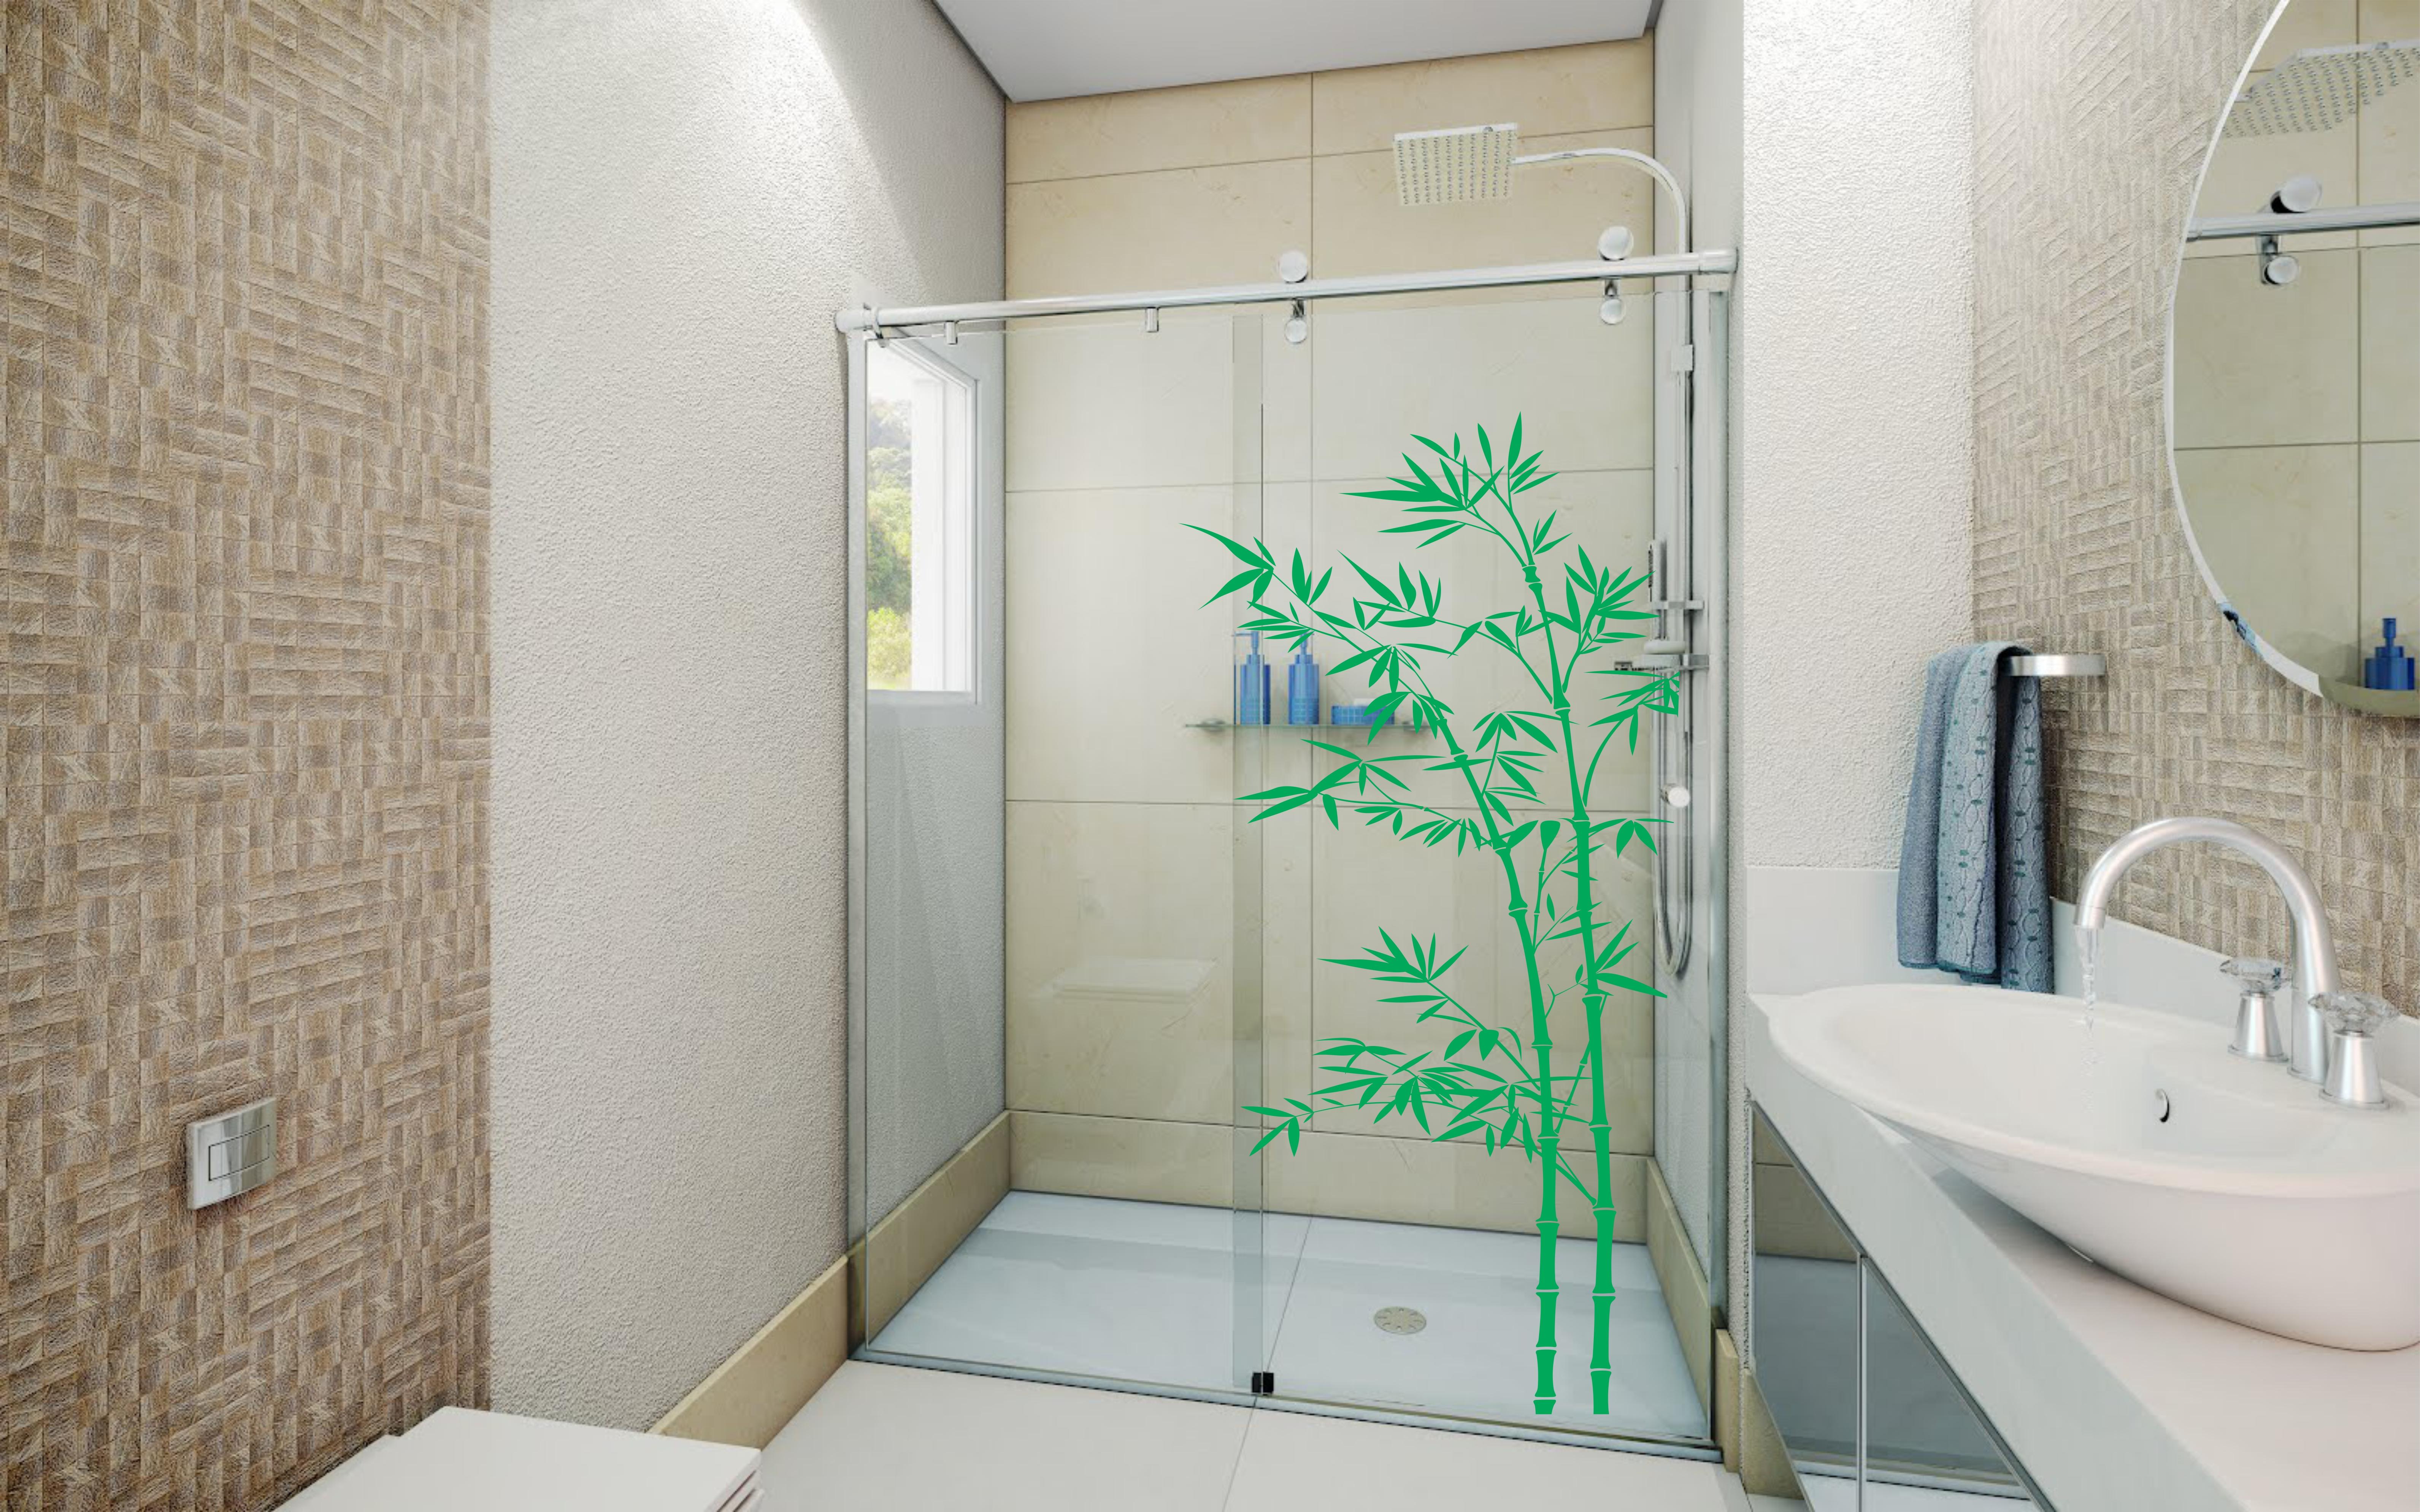 Adesivo Box Bambu Adesivos e Decorações AUM Elo7 #289B66 6365x3978 Adesivo Box Banheiro Curitiba